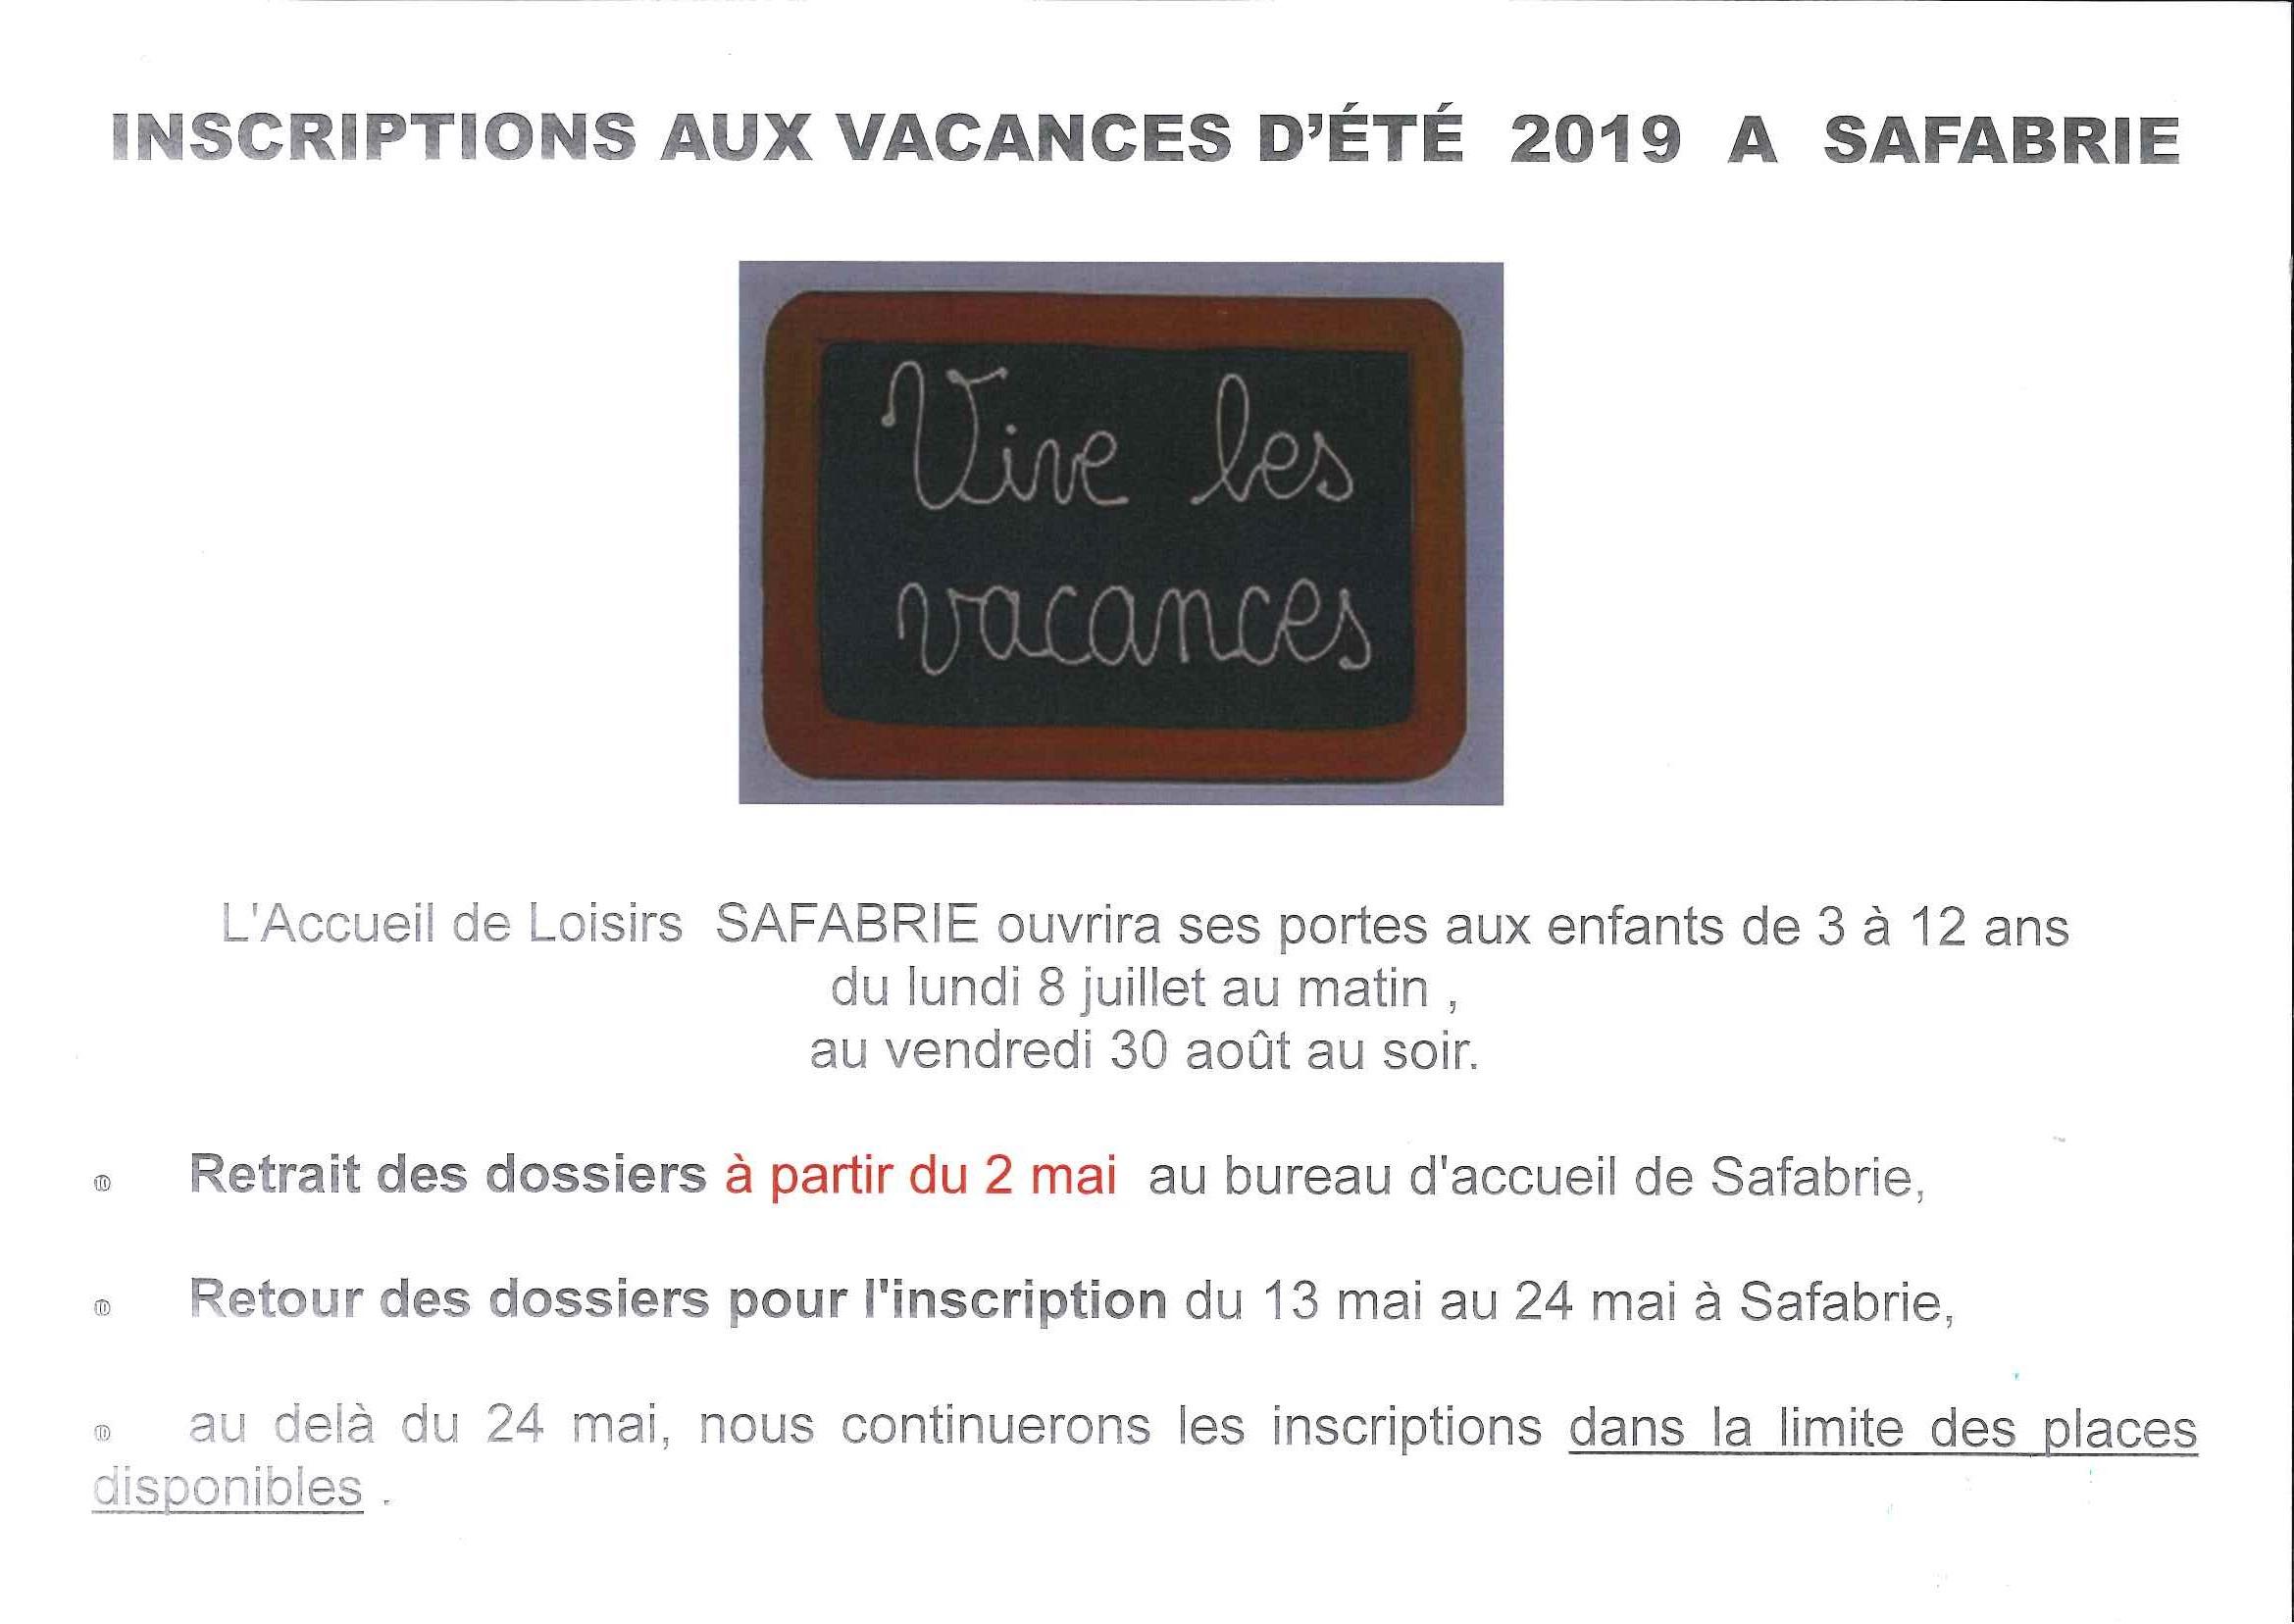 Vacances été 2019 1